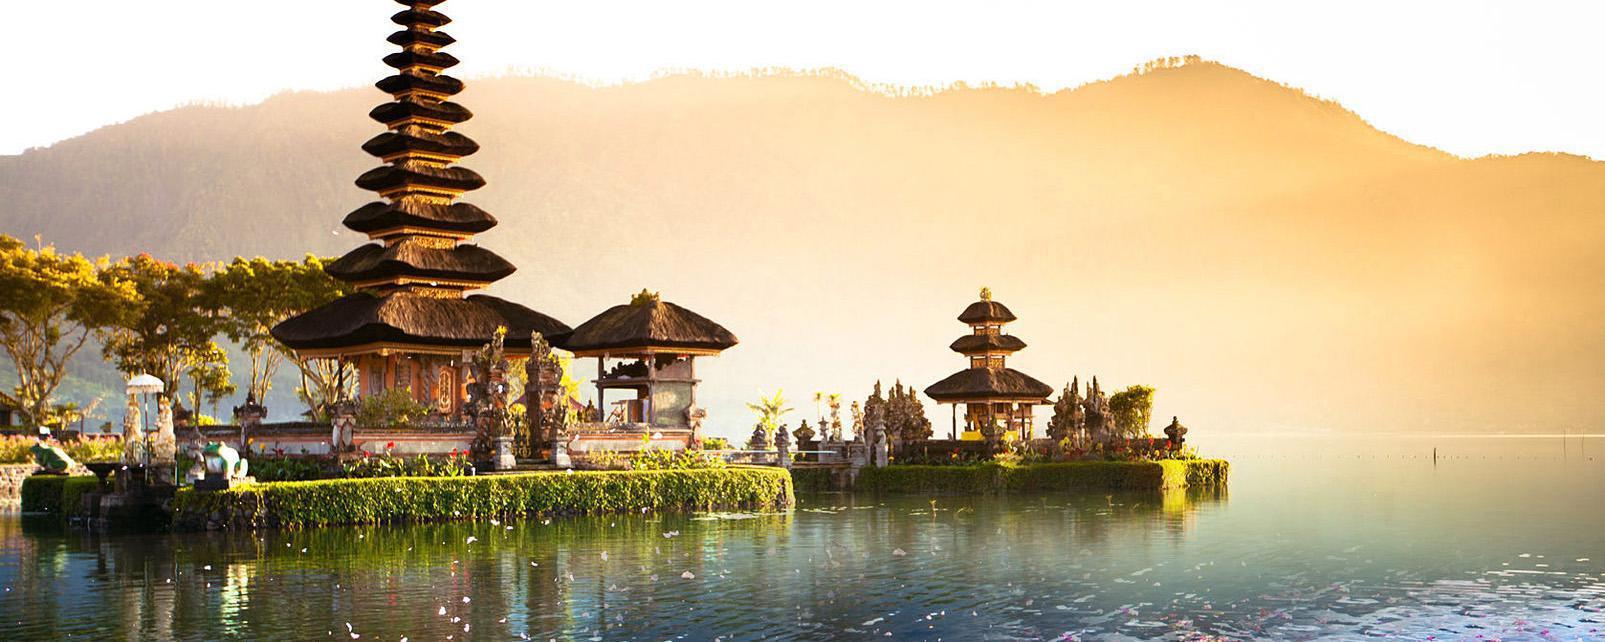 D-Chandrasti-Home Bali Honeymoon